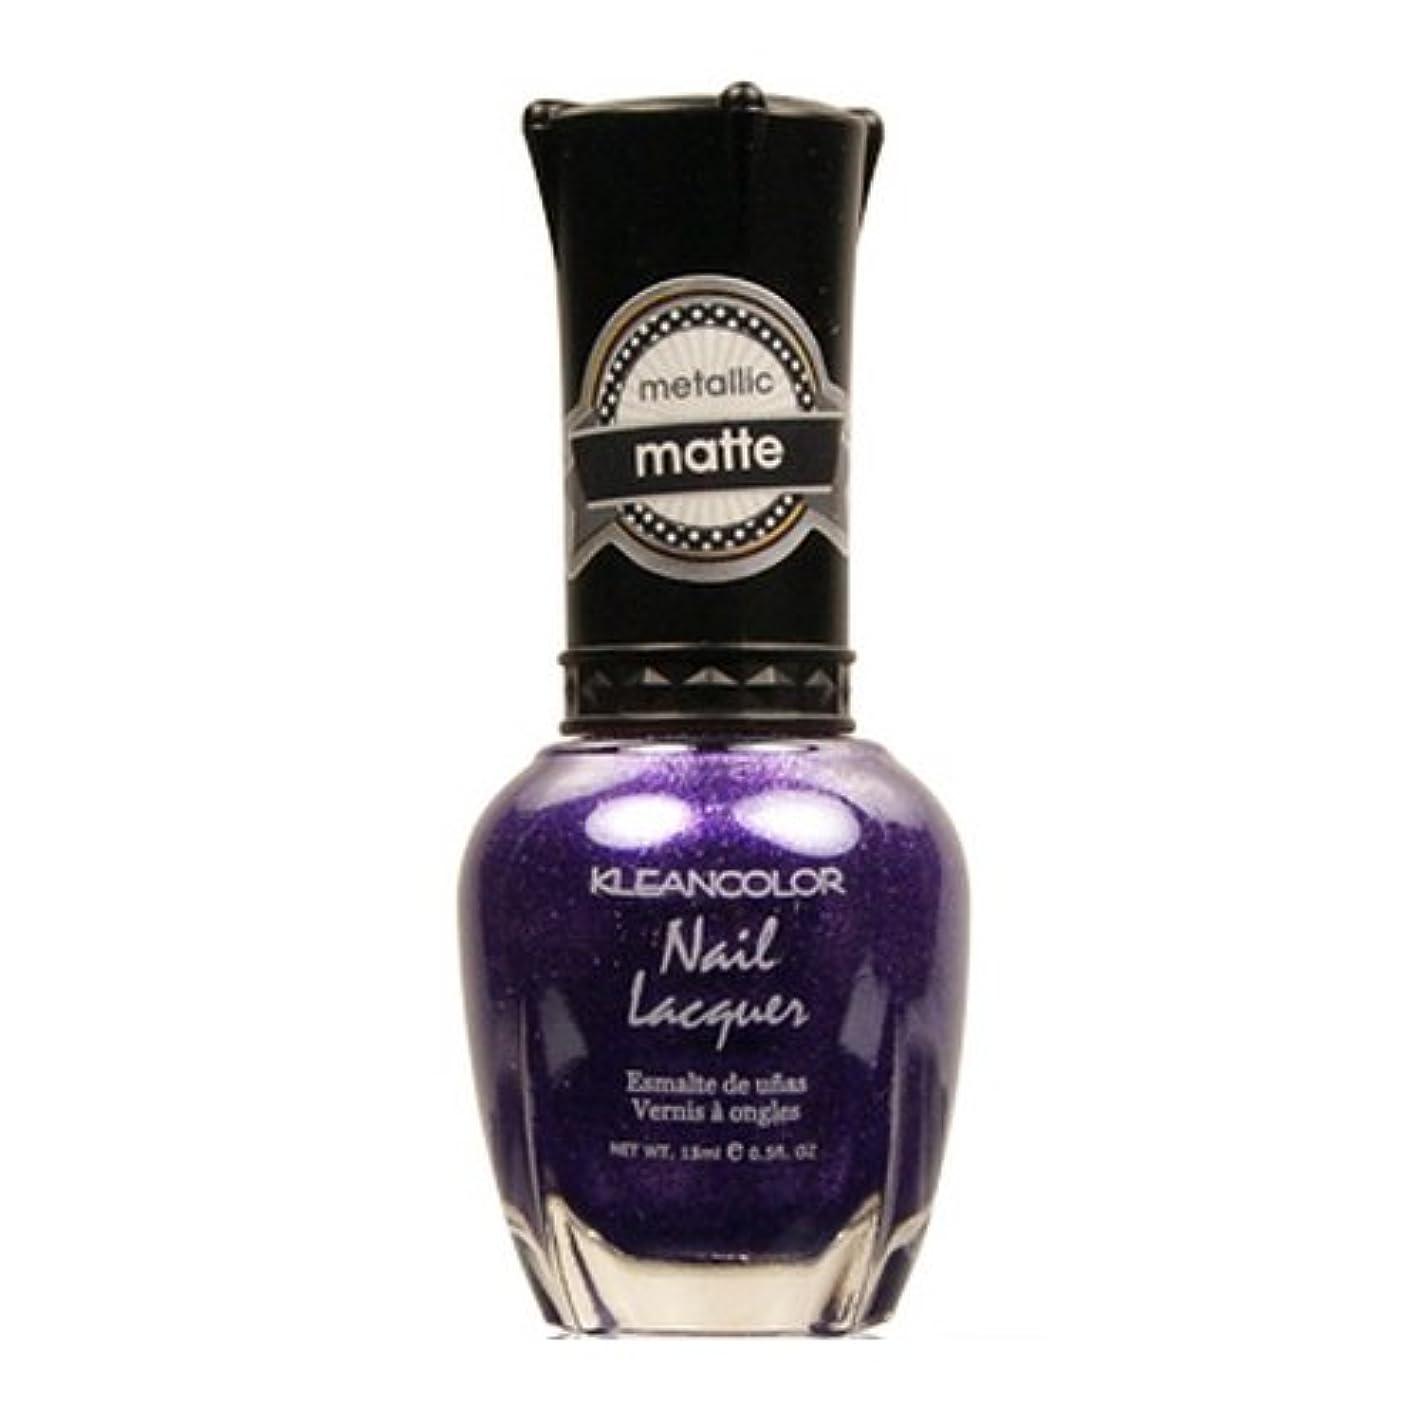 調整うぬぼれたきらめき(3 Pack) KLEANCOLOR Matte Nail Lacquer - Bright&Breezy (並行輸入品)